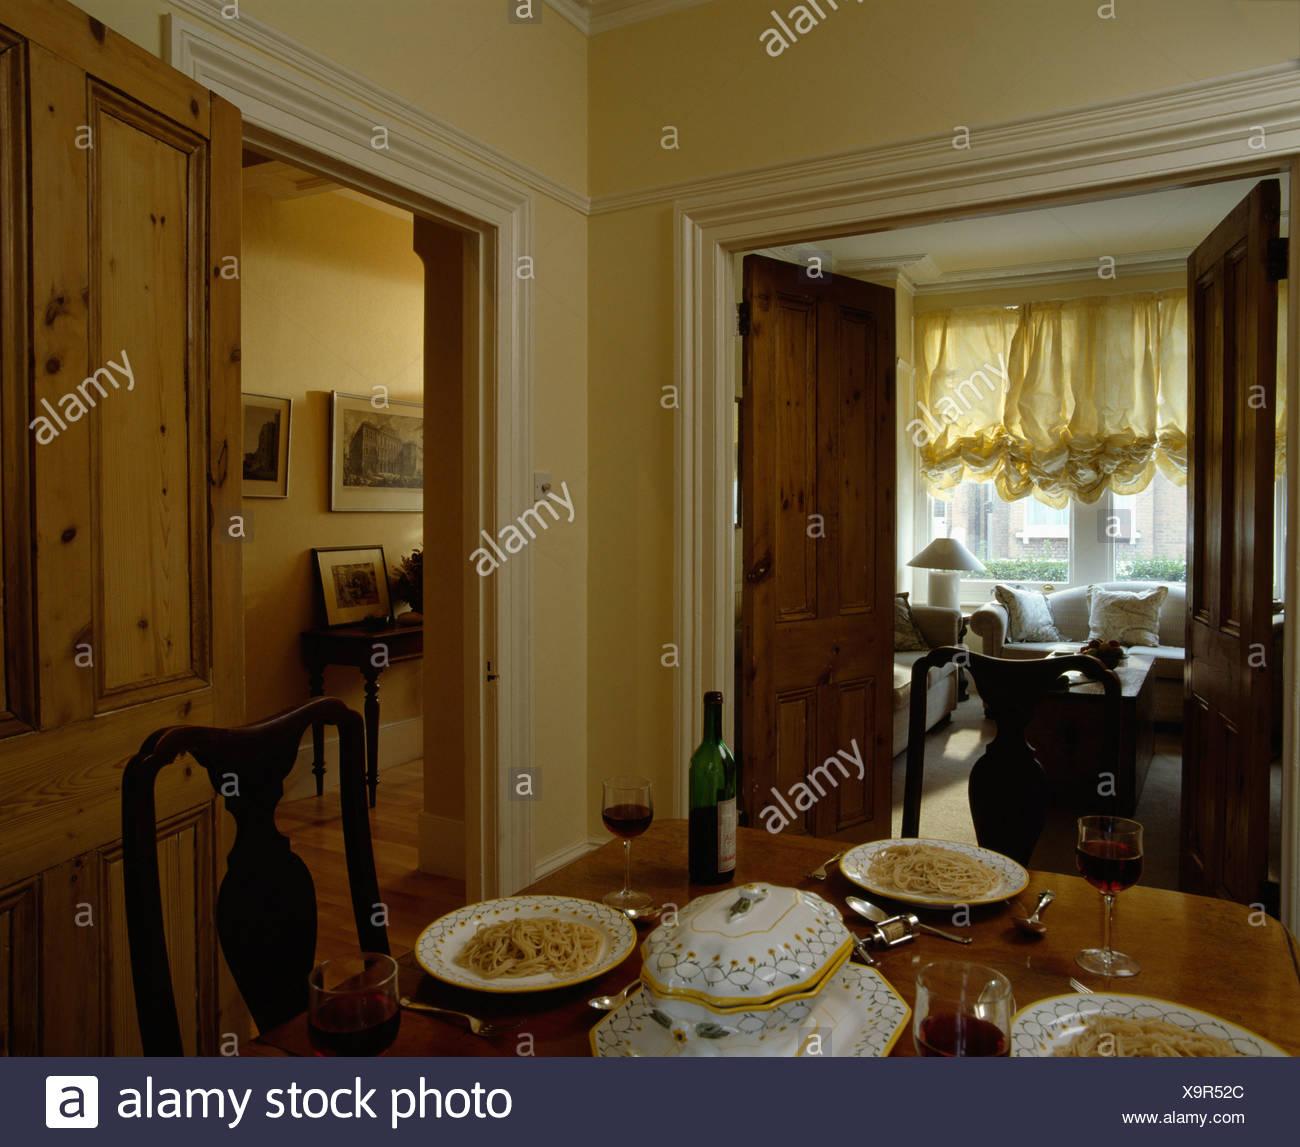 Einzigartig Esstisch Wohnzimmer Foto Von Einstellungen Am Mit Blick Durch Offene Türen,